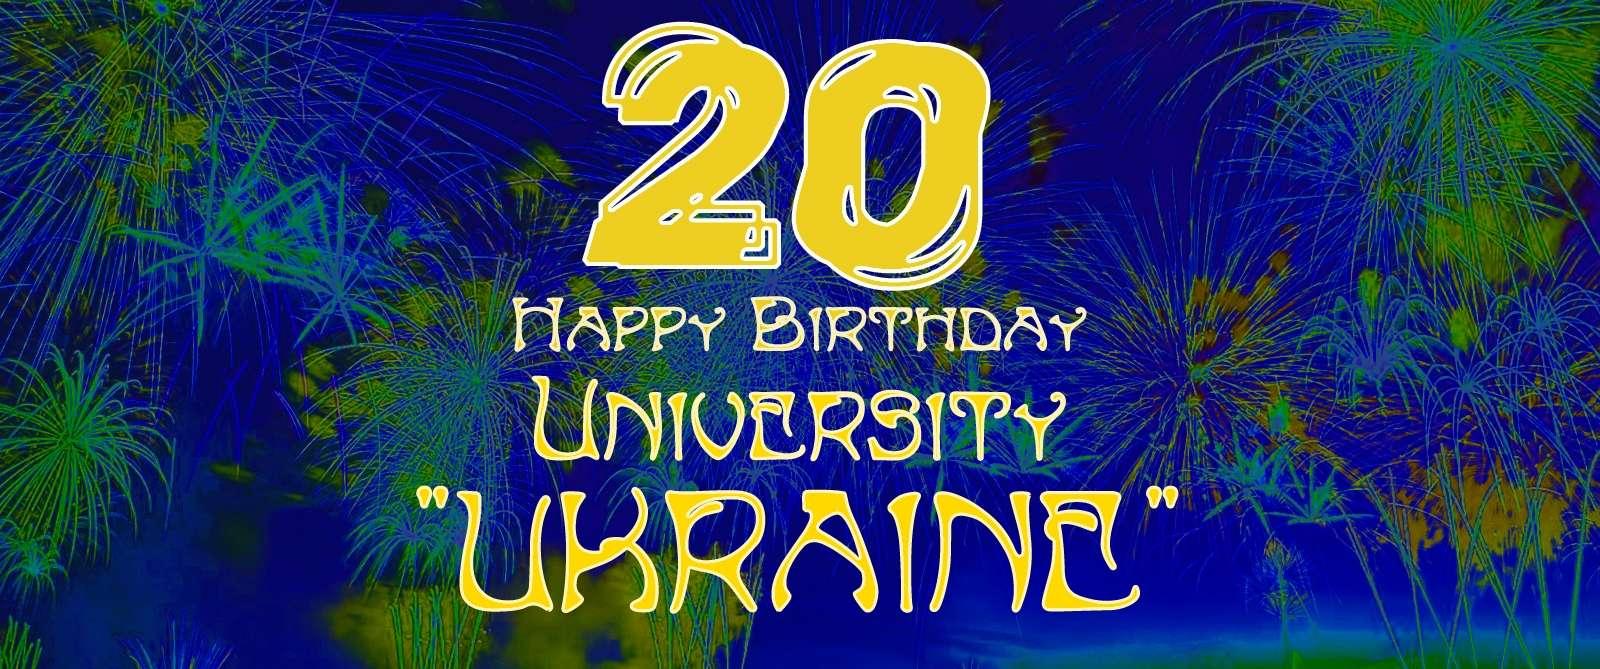 Happy birthday University UKRAINE!